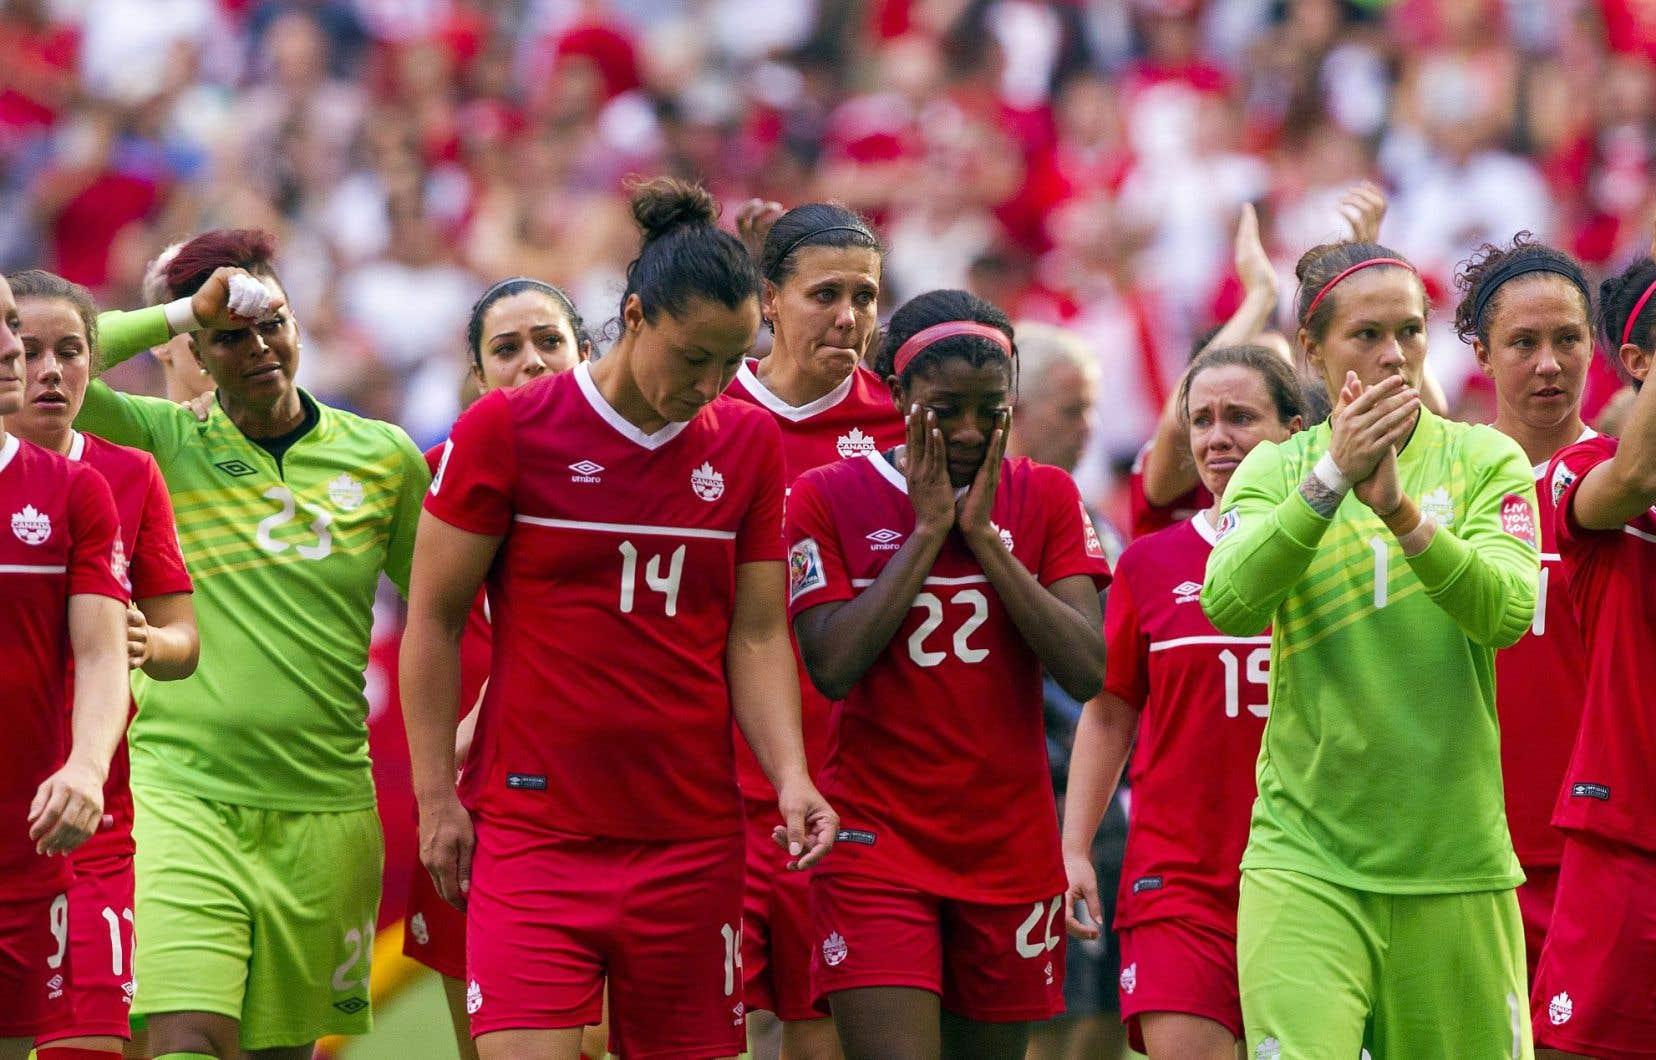 Plusieurs joueuses de l'équipe canadienne étaient en larmes après avoir perdu 2-1 contre l'Angleterre, samedi à Vancouver.